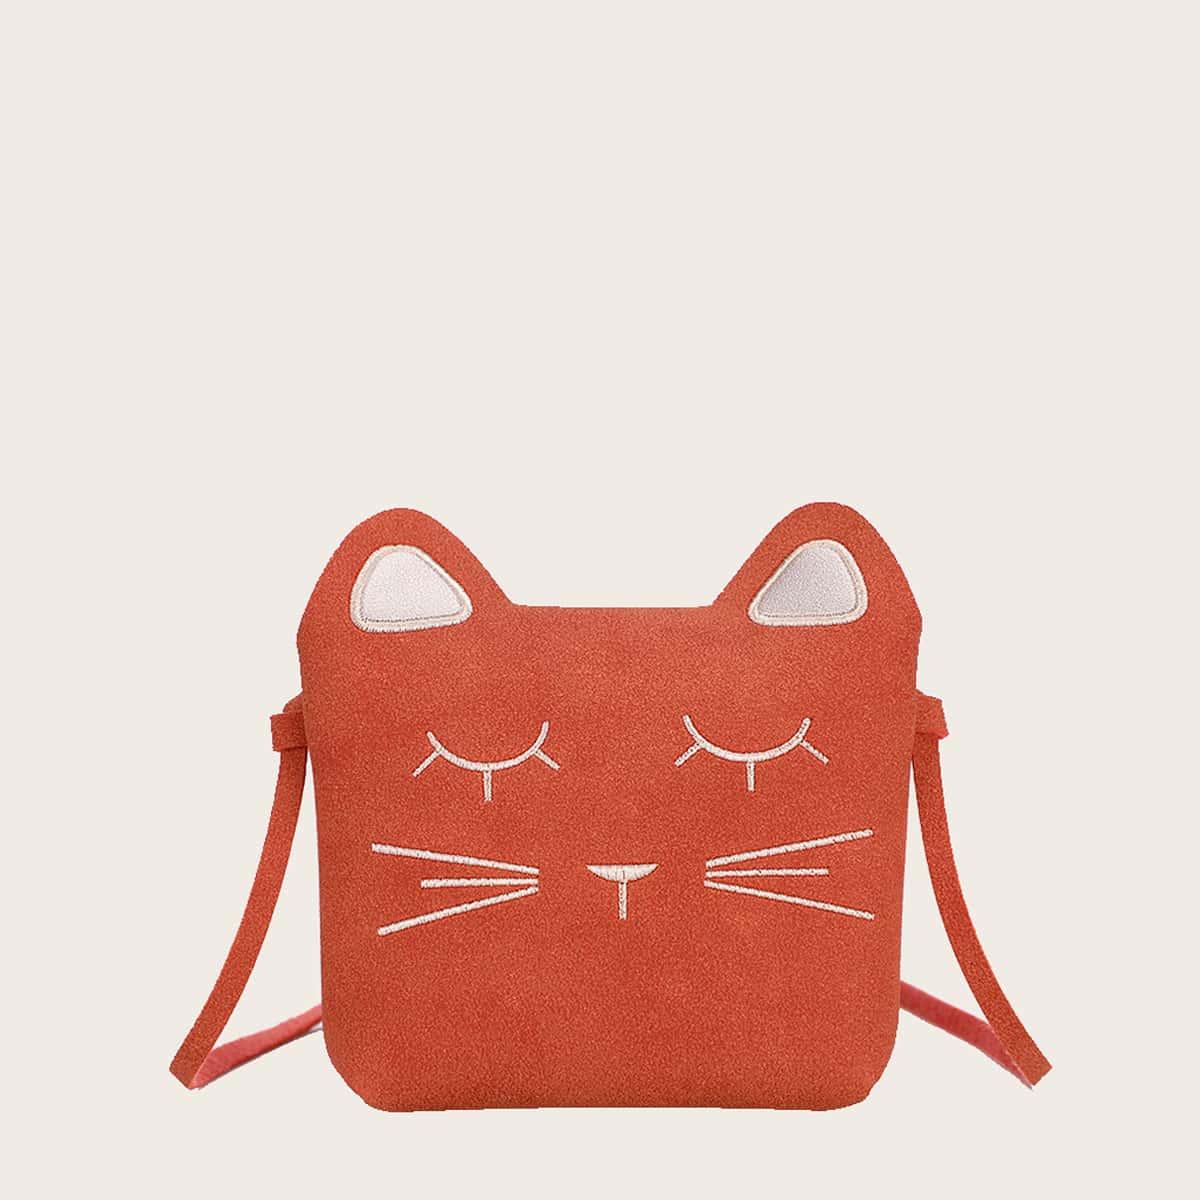 для девочек Сумка через плечо с узором кошки SheIn sk2106223553033421